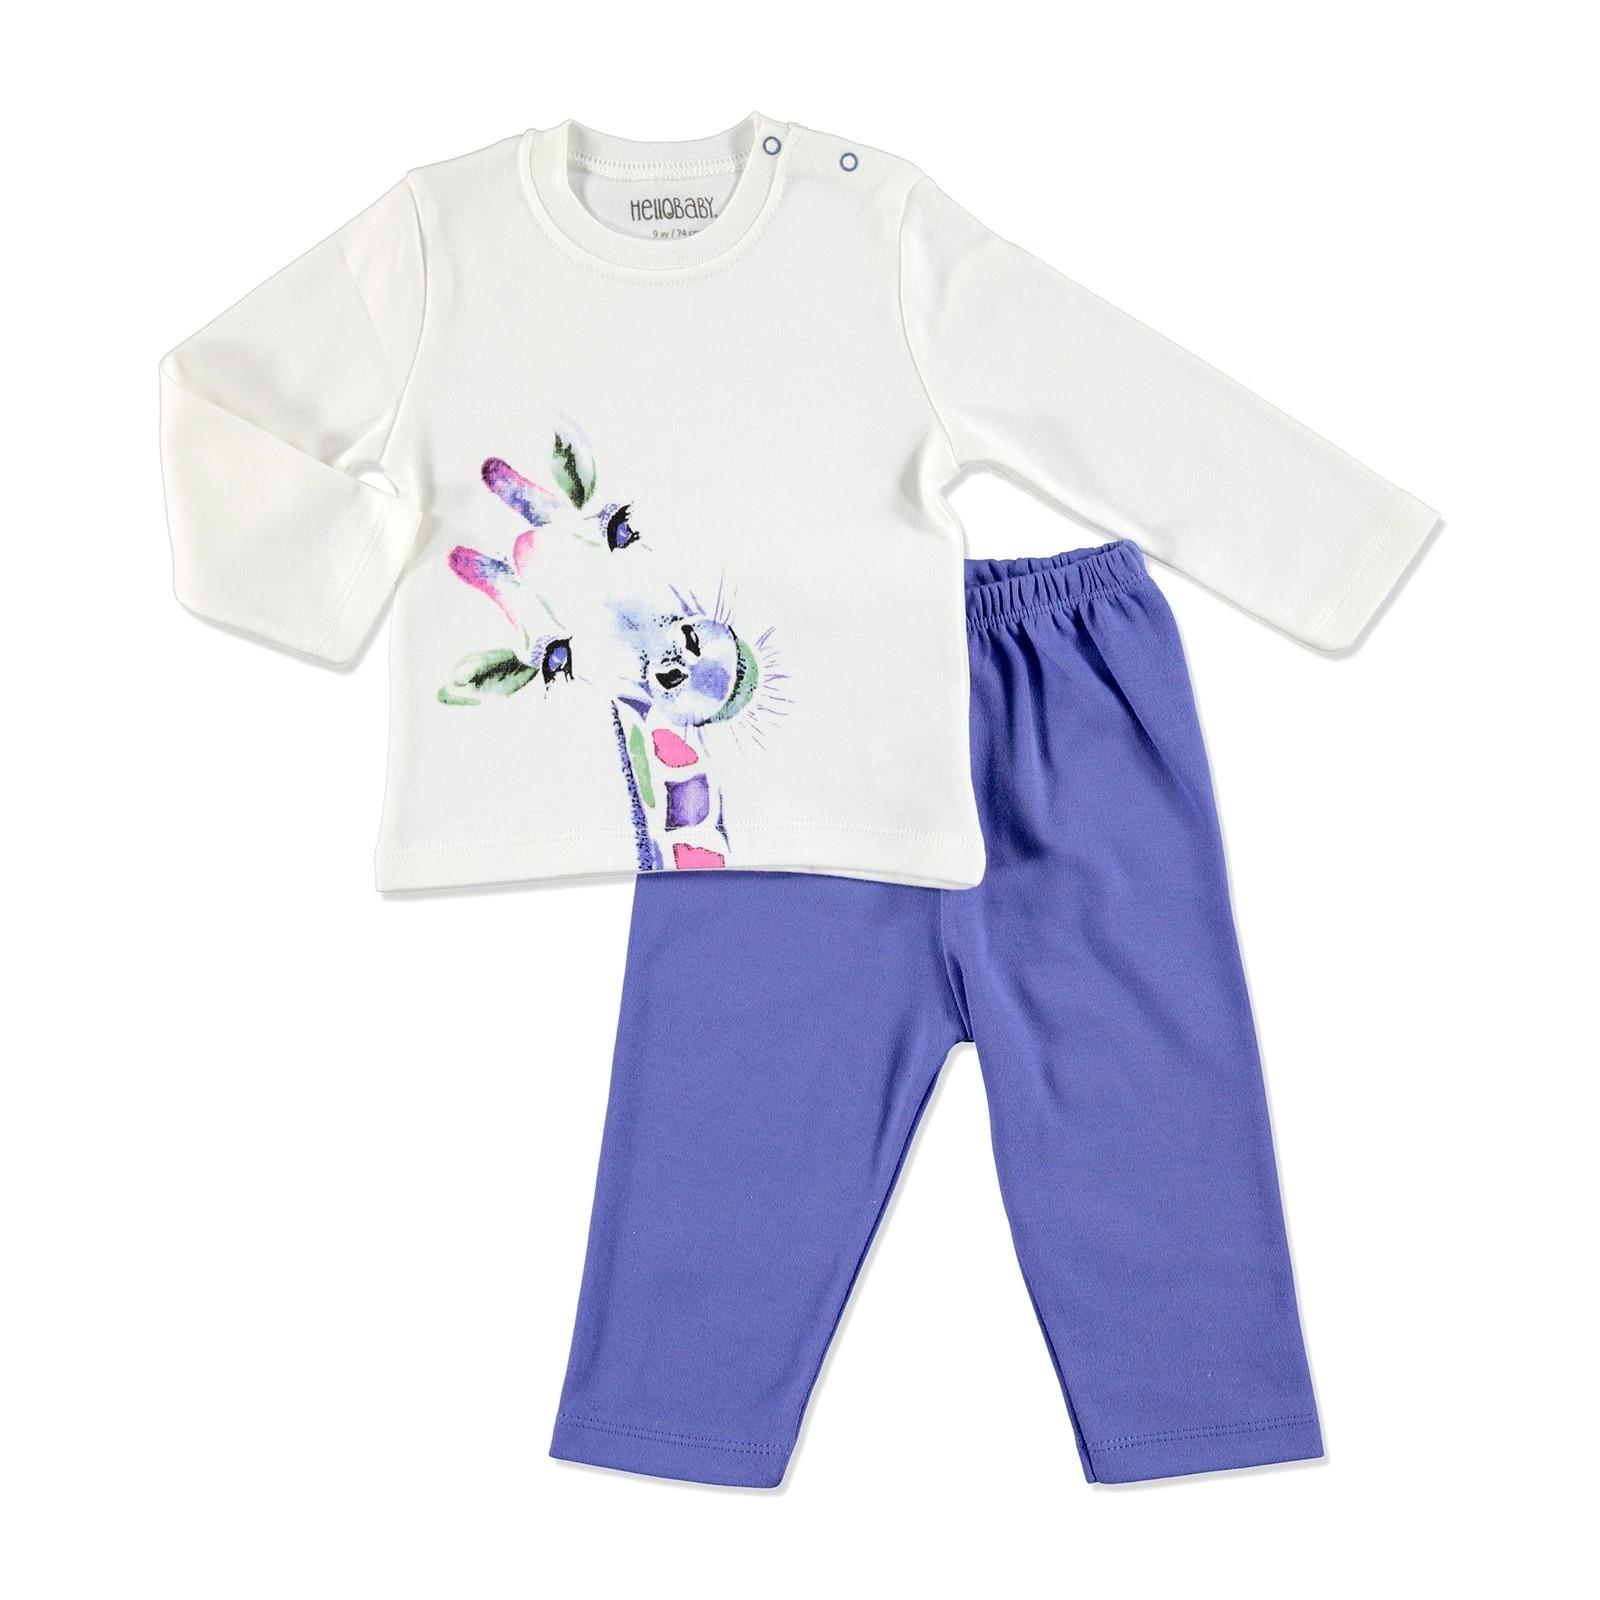 Ebebek HelloBaby Winter Baby Basic Printed Pyjama Set